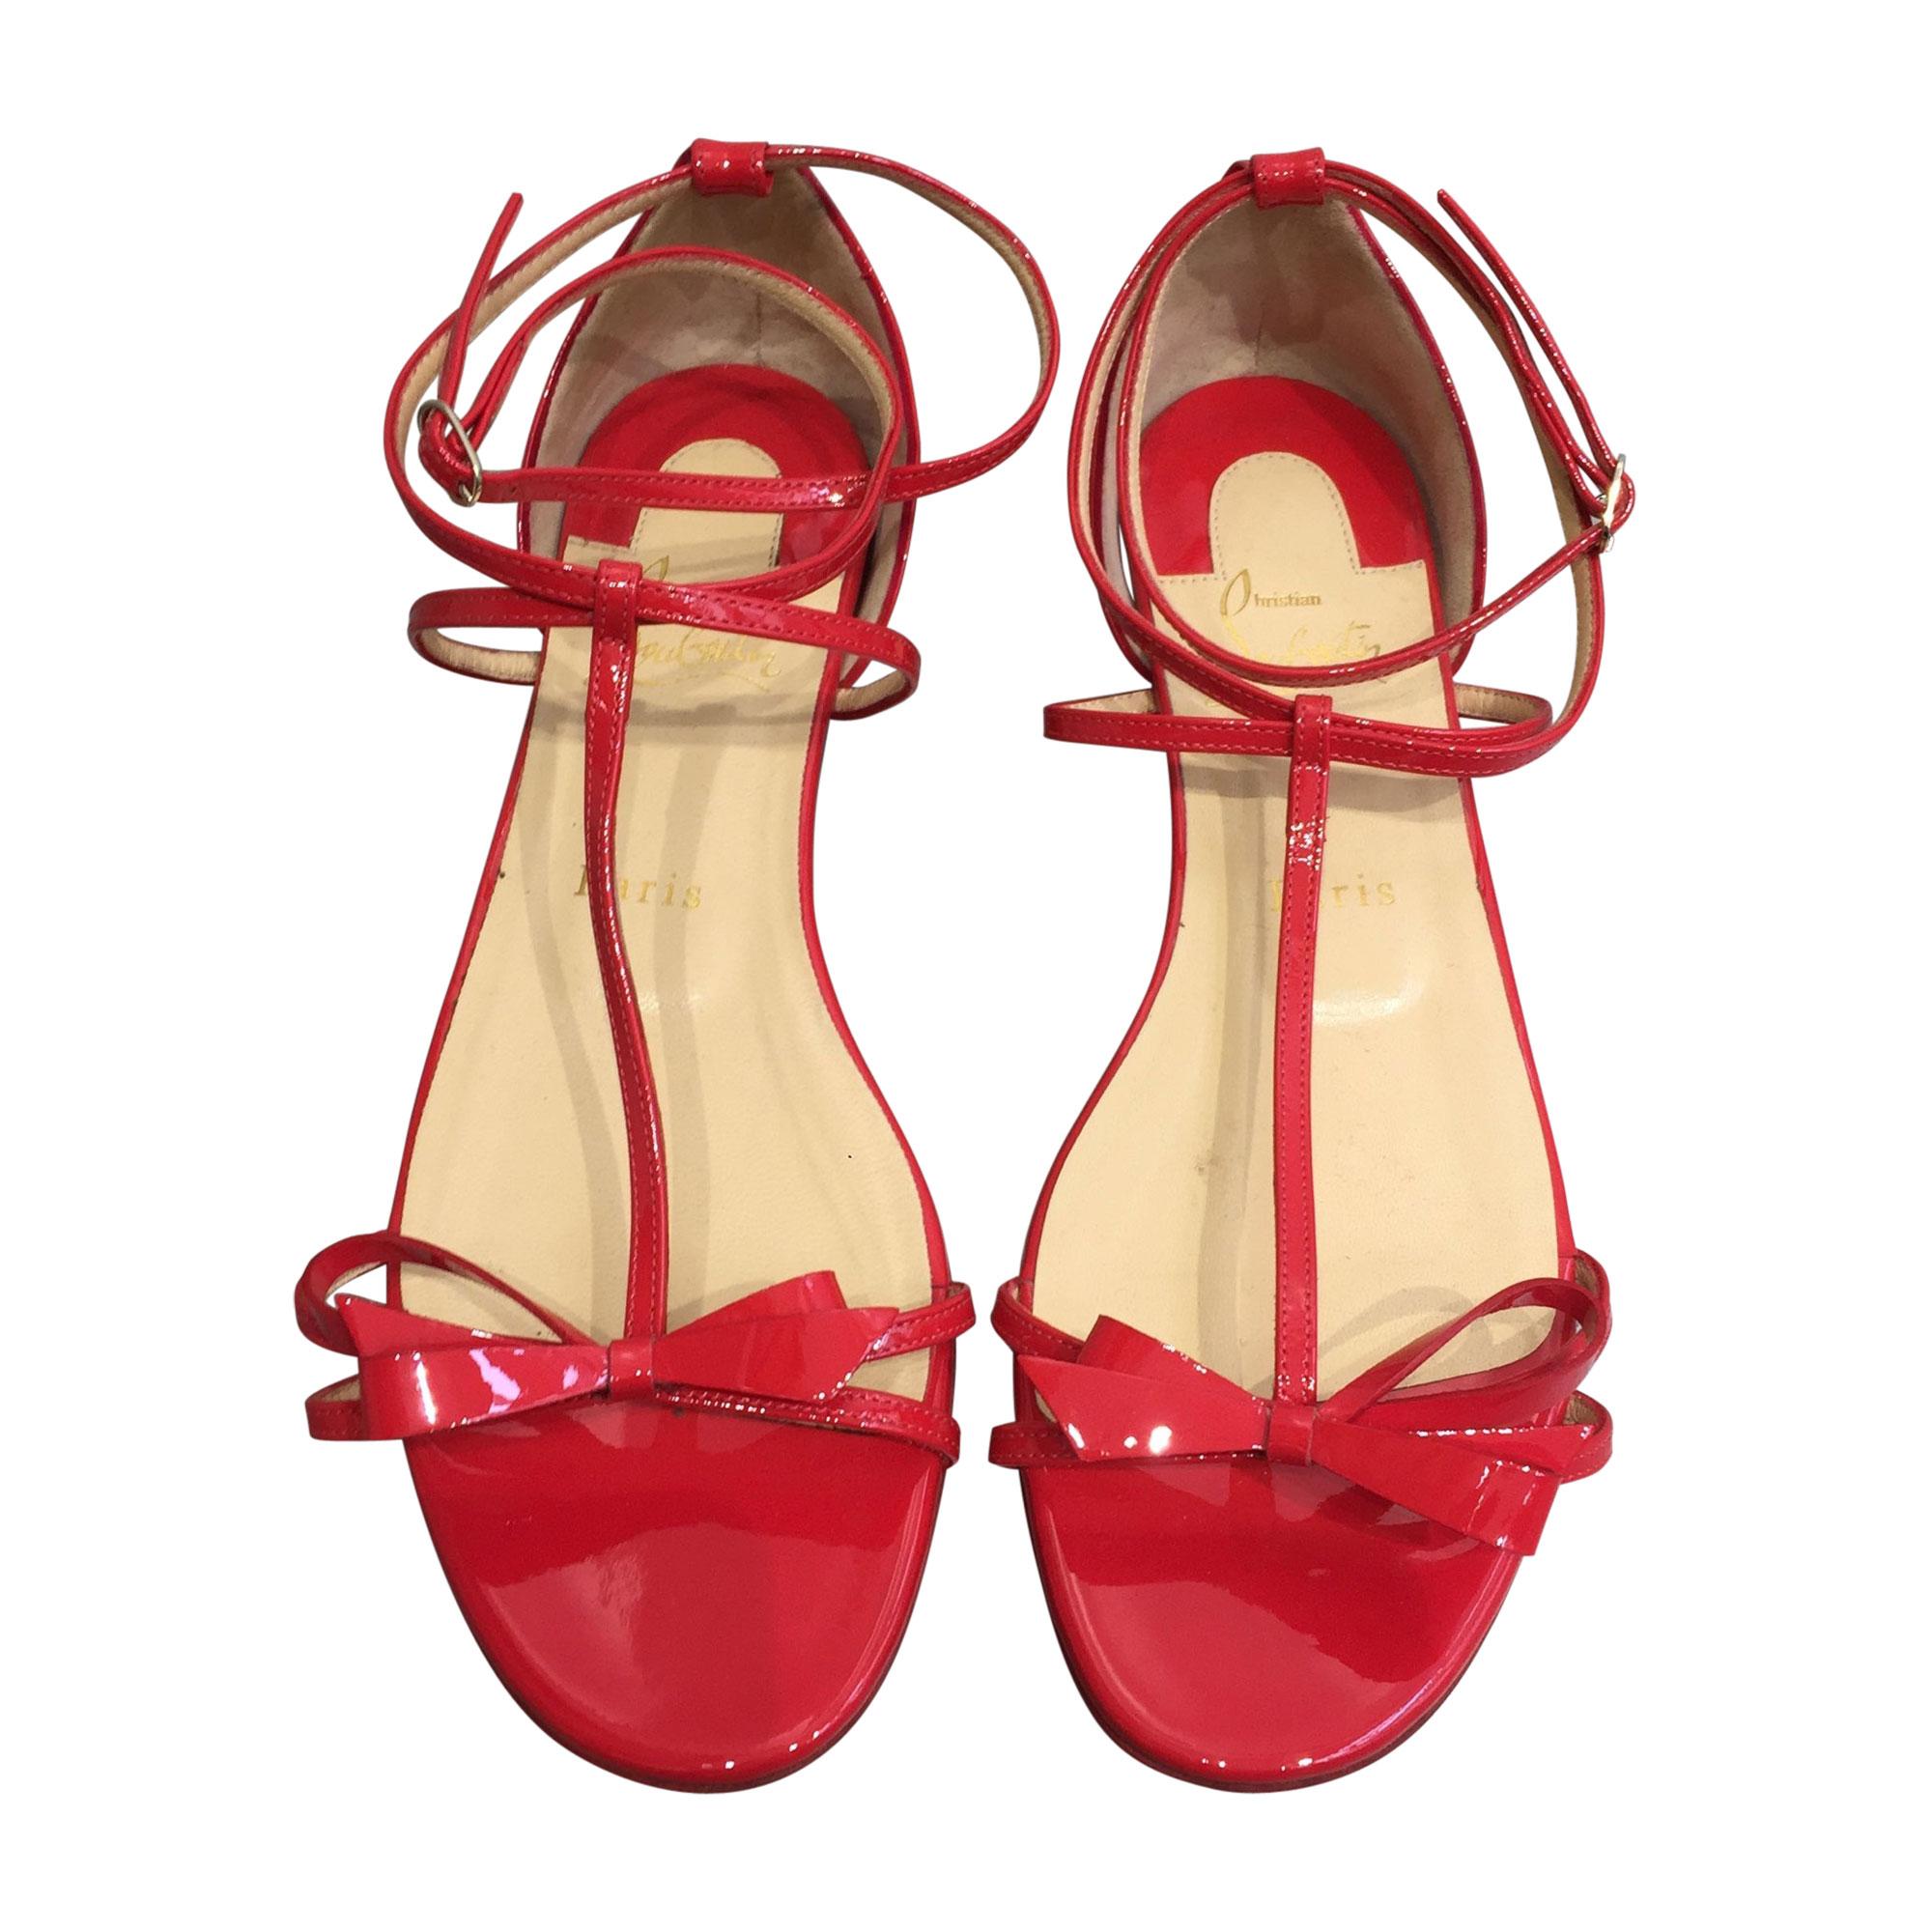 Sandales plates  CHRISTIAN LOUBOUTIN Rouge, bordeaux